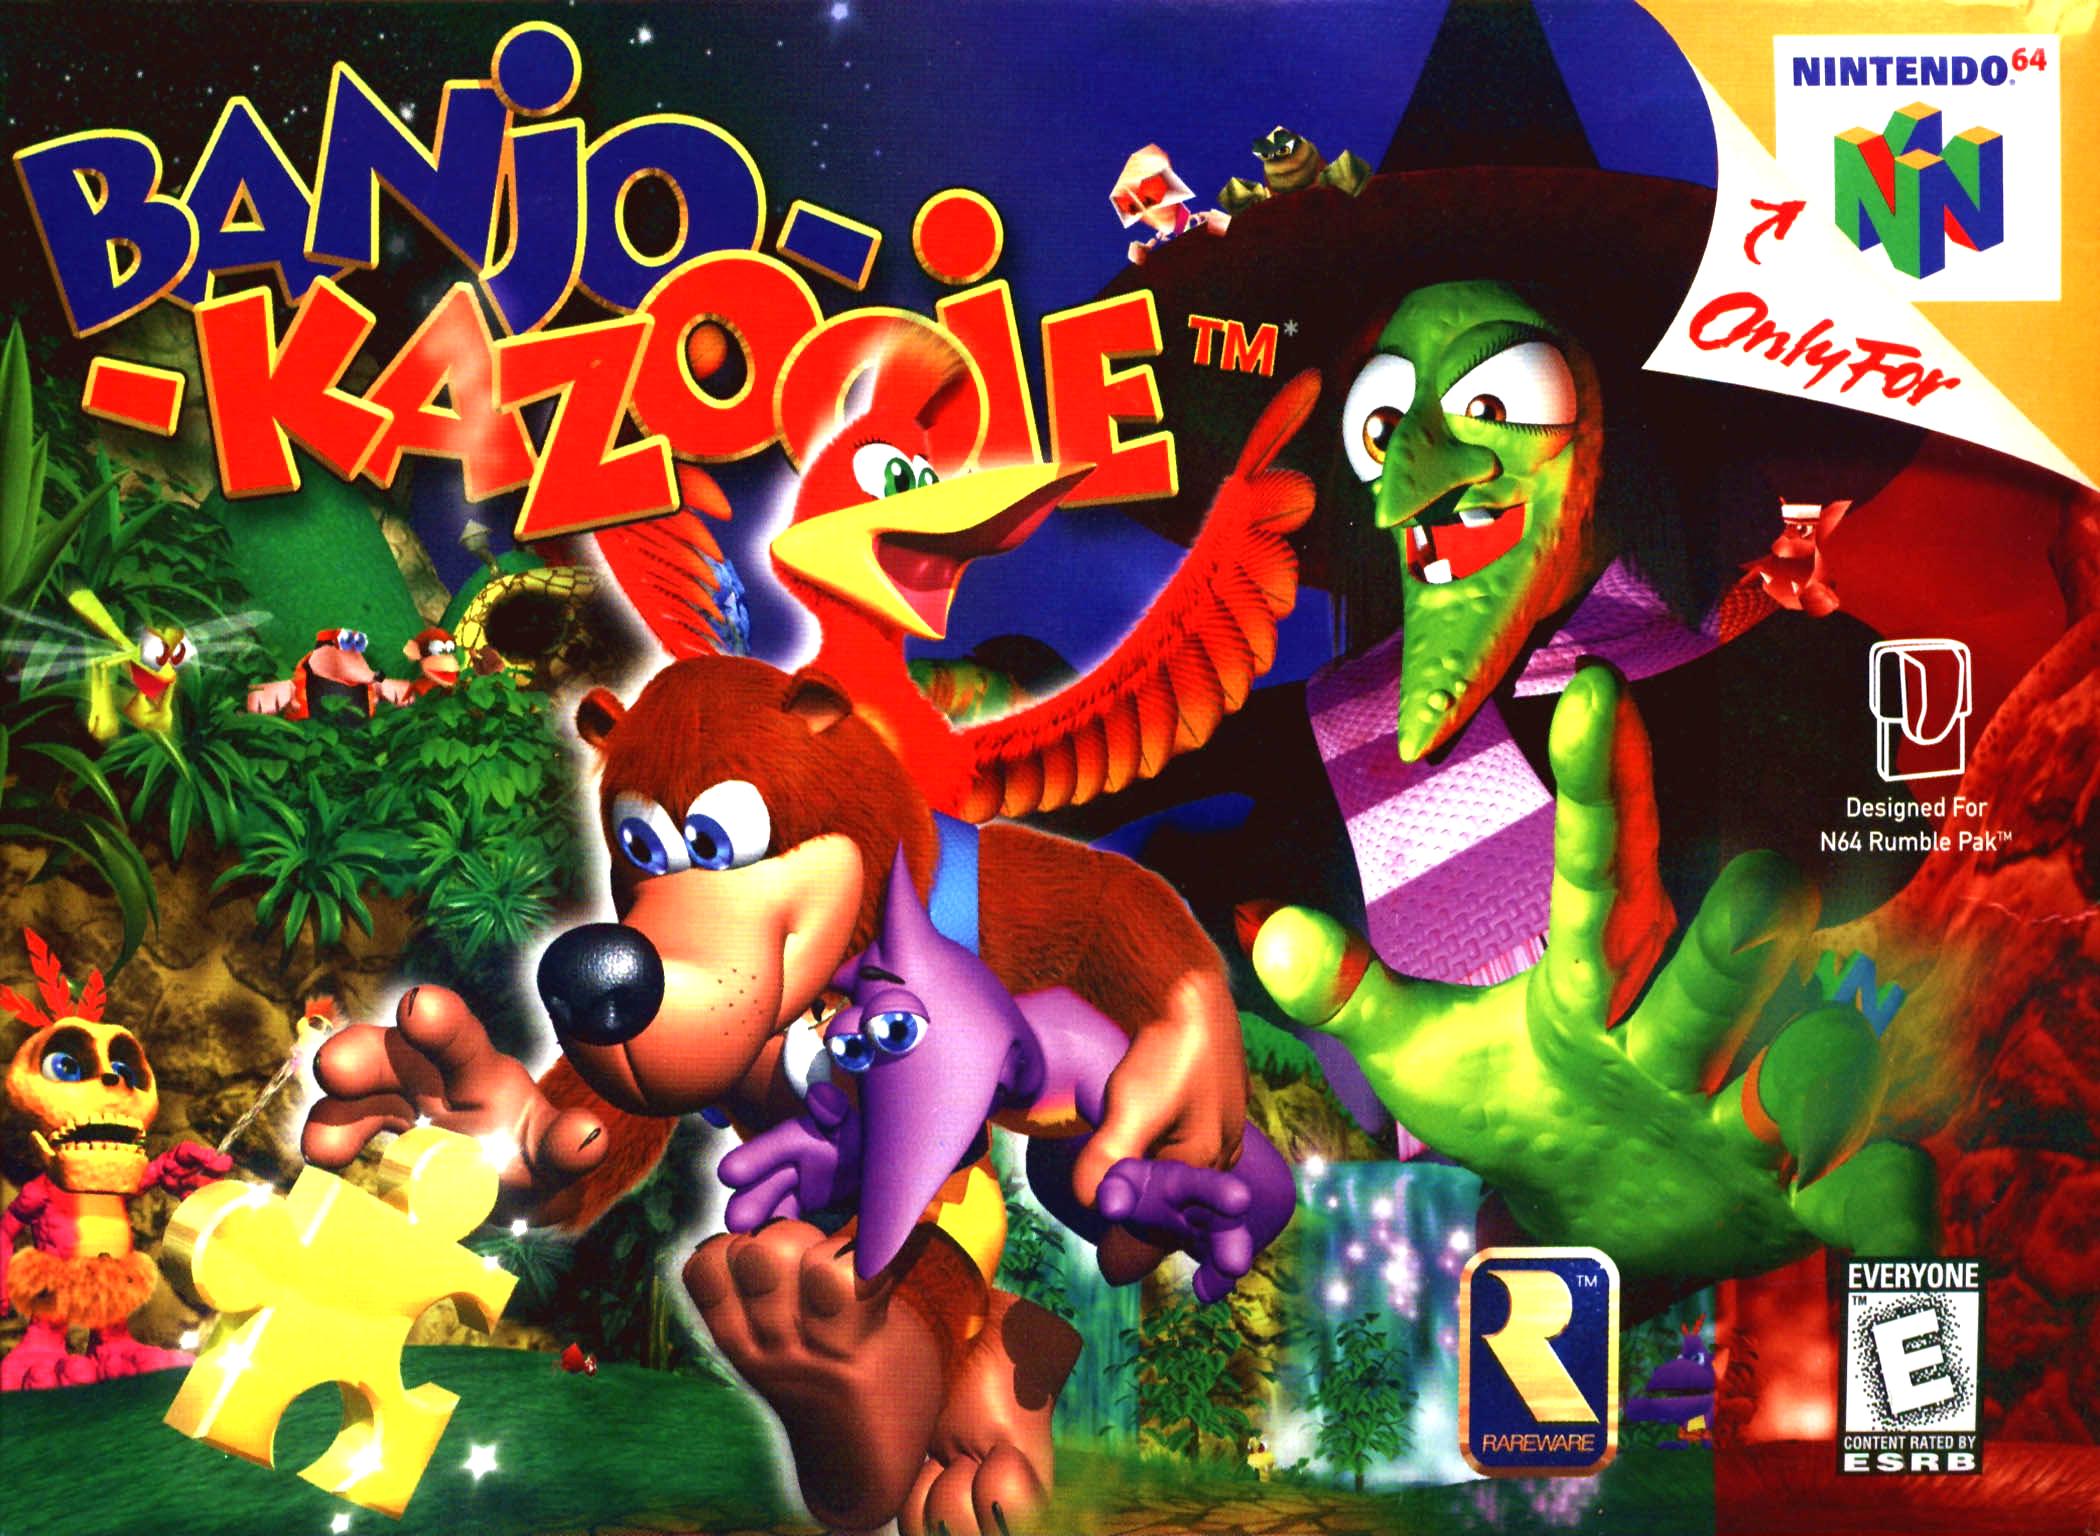 This is #BanjoKazooie for the #Nintendo64! #Nintendo